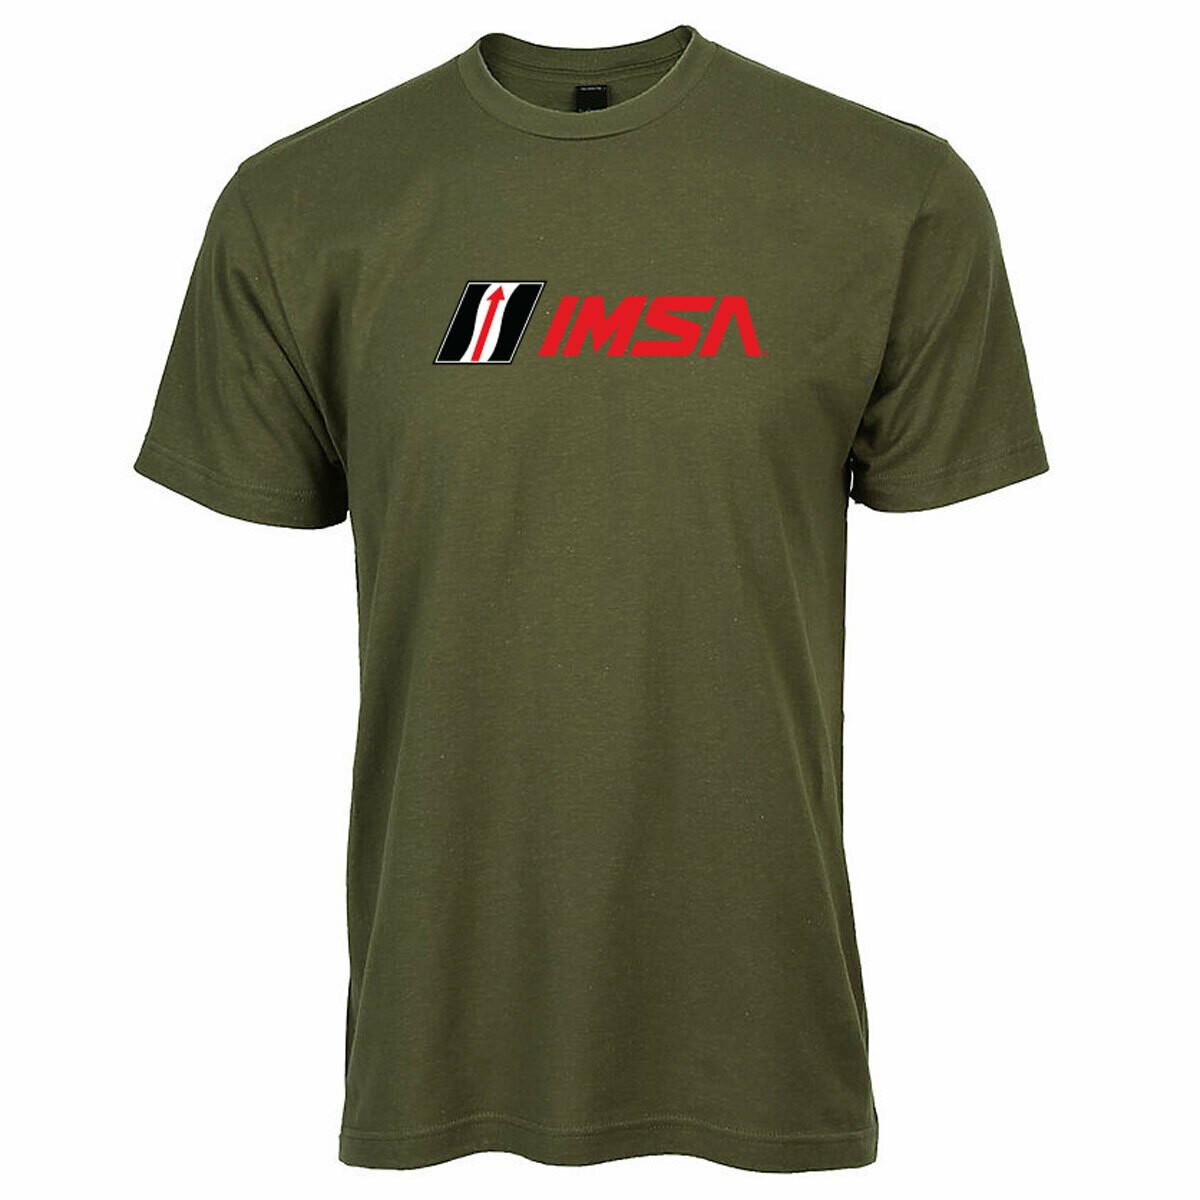 IMSA Logo Tee - Military Green